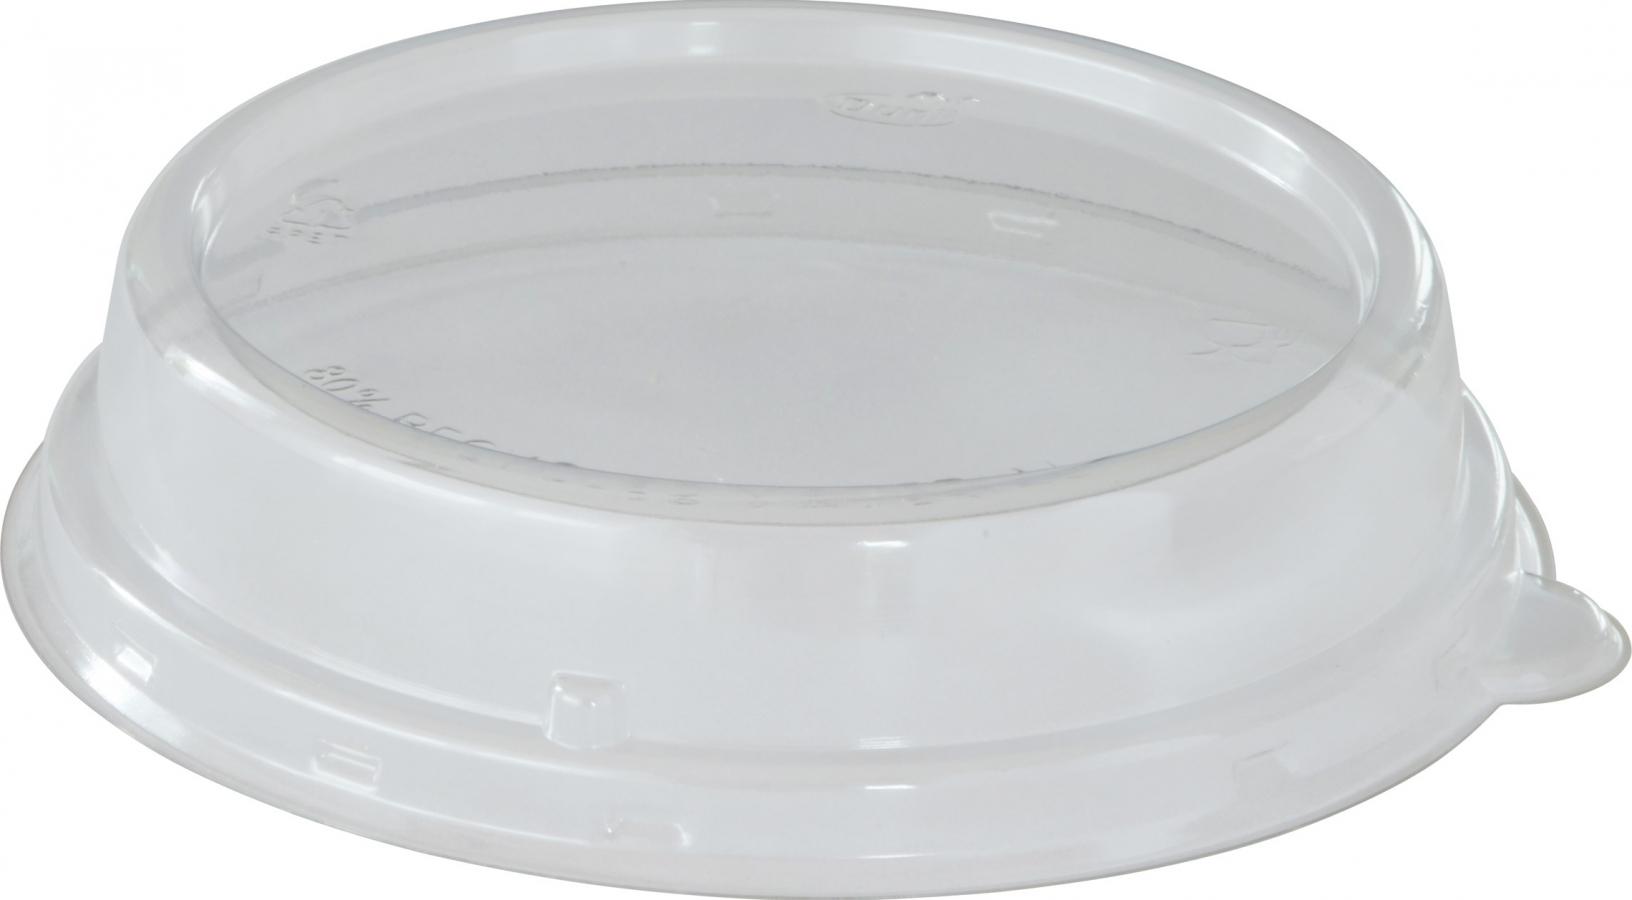 coperchio trasparente in Rpet per ciotole e insalatiere per alimenti take away e delivery - ingrosso online b2b